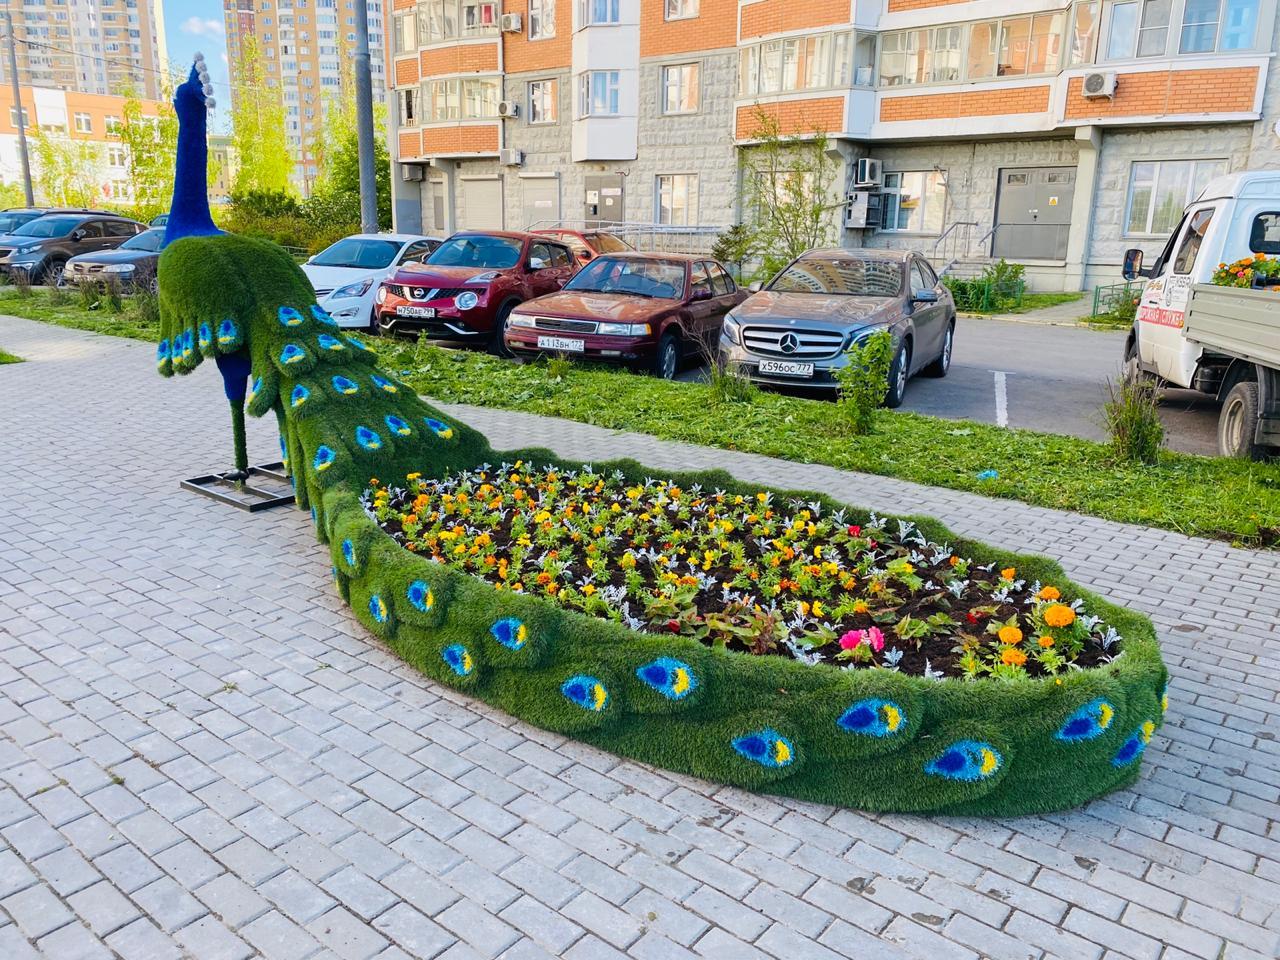 Всего сотрудники подрядной организации высадили свыше 40 тысяч единиц цветочной рассады. Фото предоставили в администрации поселения Московский